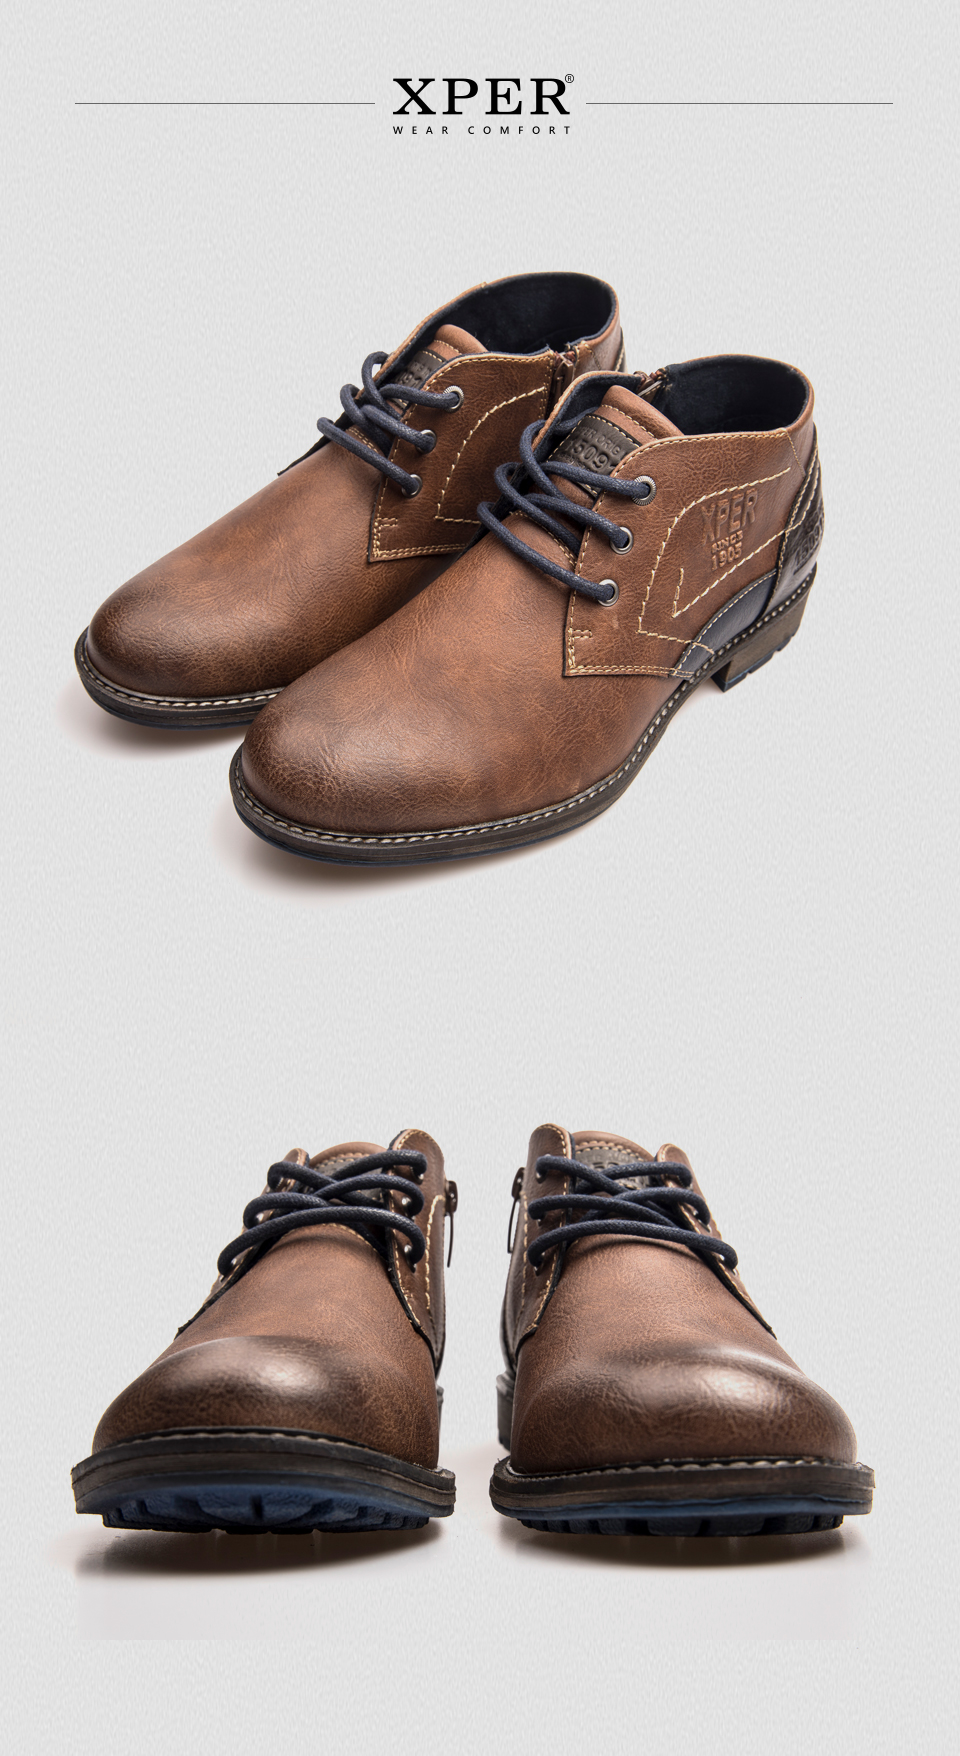 841caceadc6f9 US$ 72.78 - XPER Autumn Winter Men Ankle Boots Fashion Retro Shoes ...